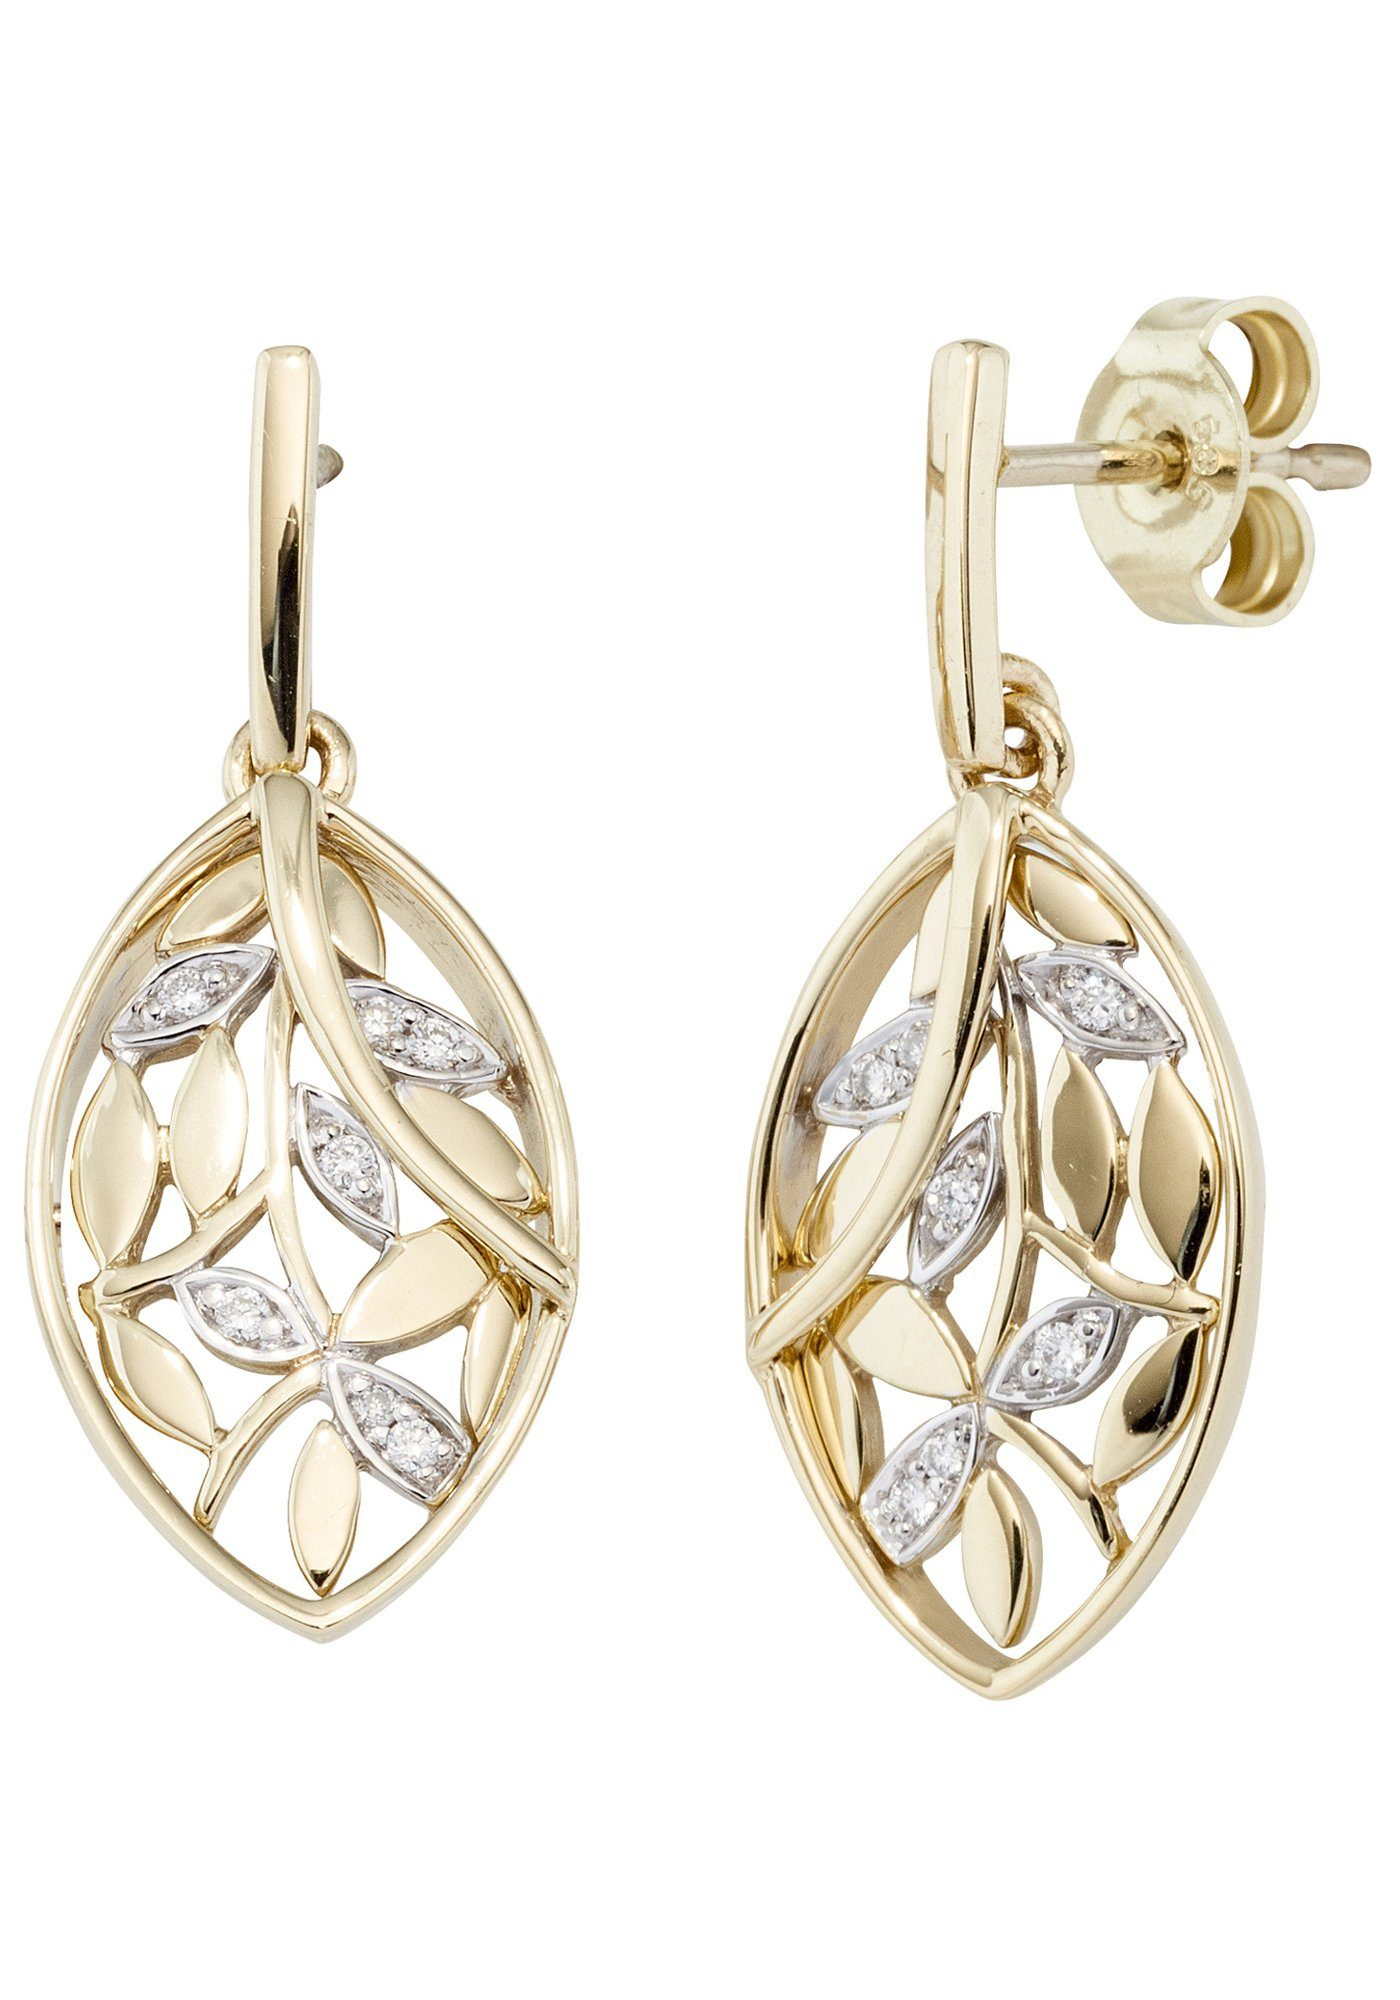 JOBO Paar Ohrhänger 585 Gold bicolor mit 14 Diamanten